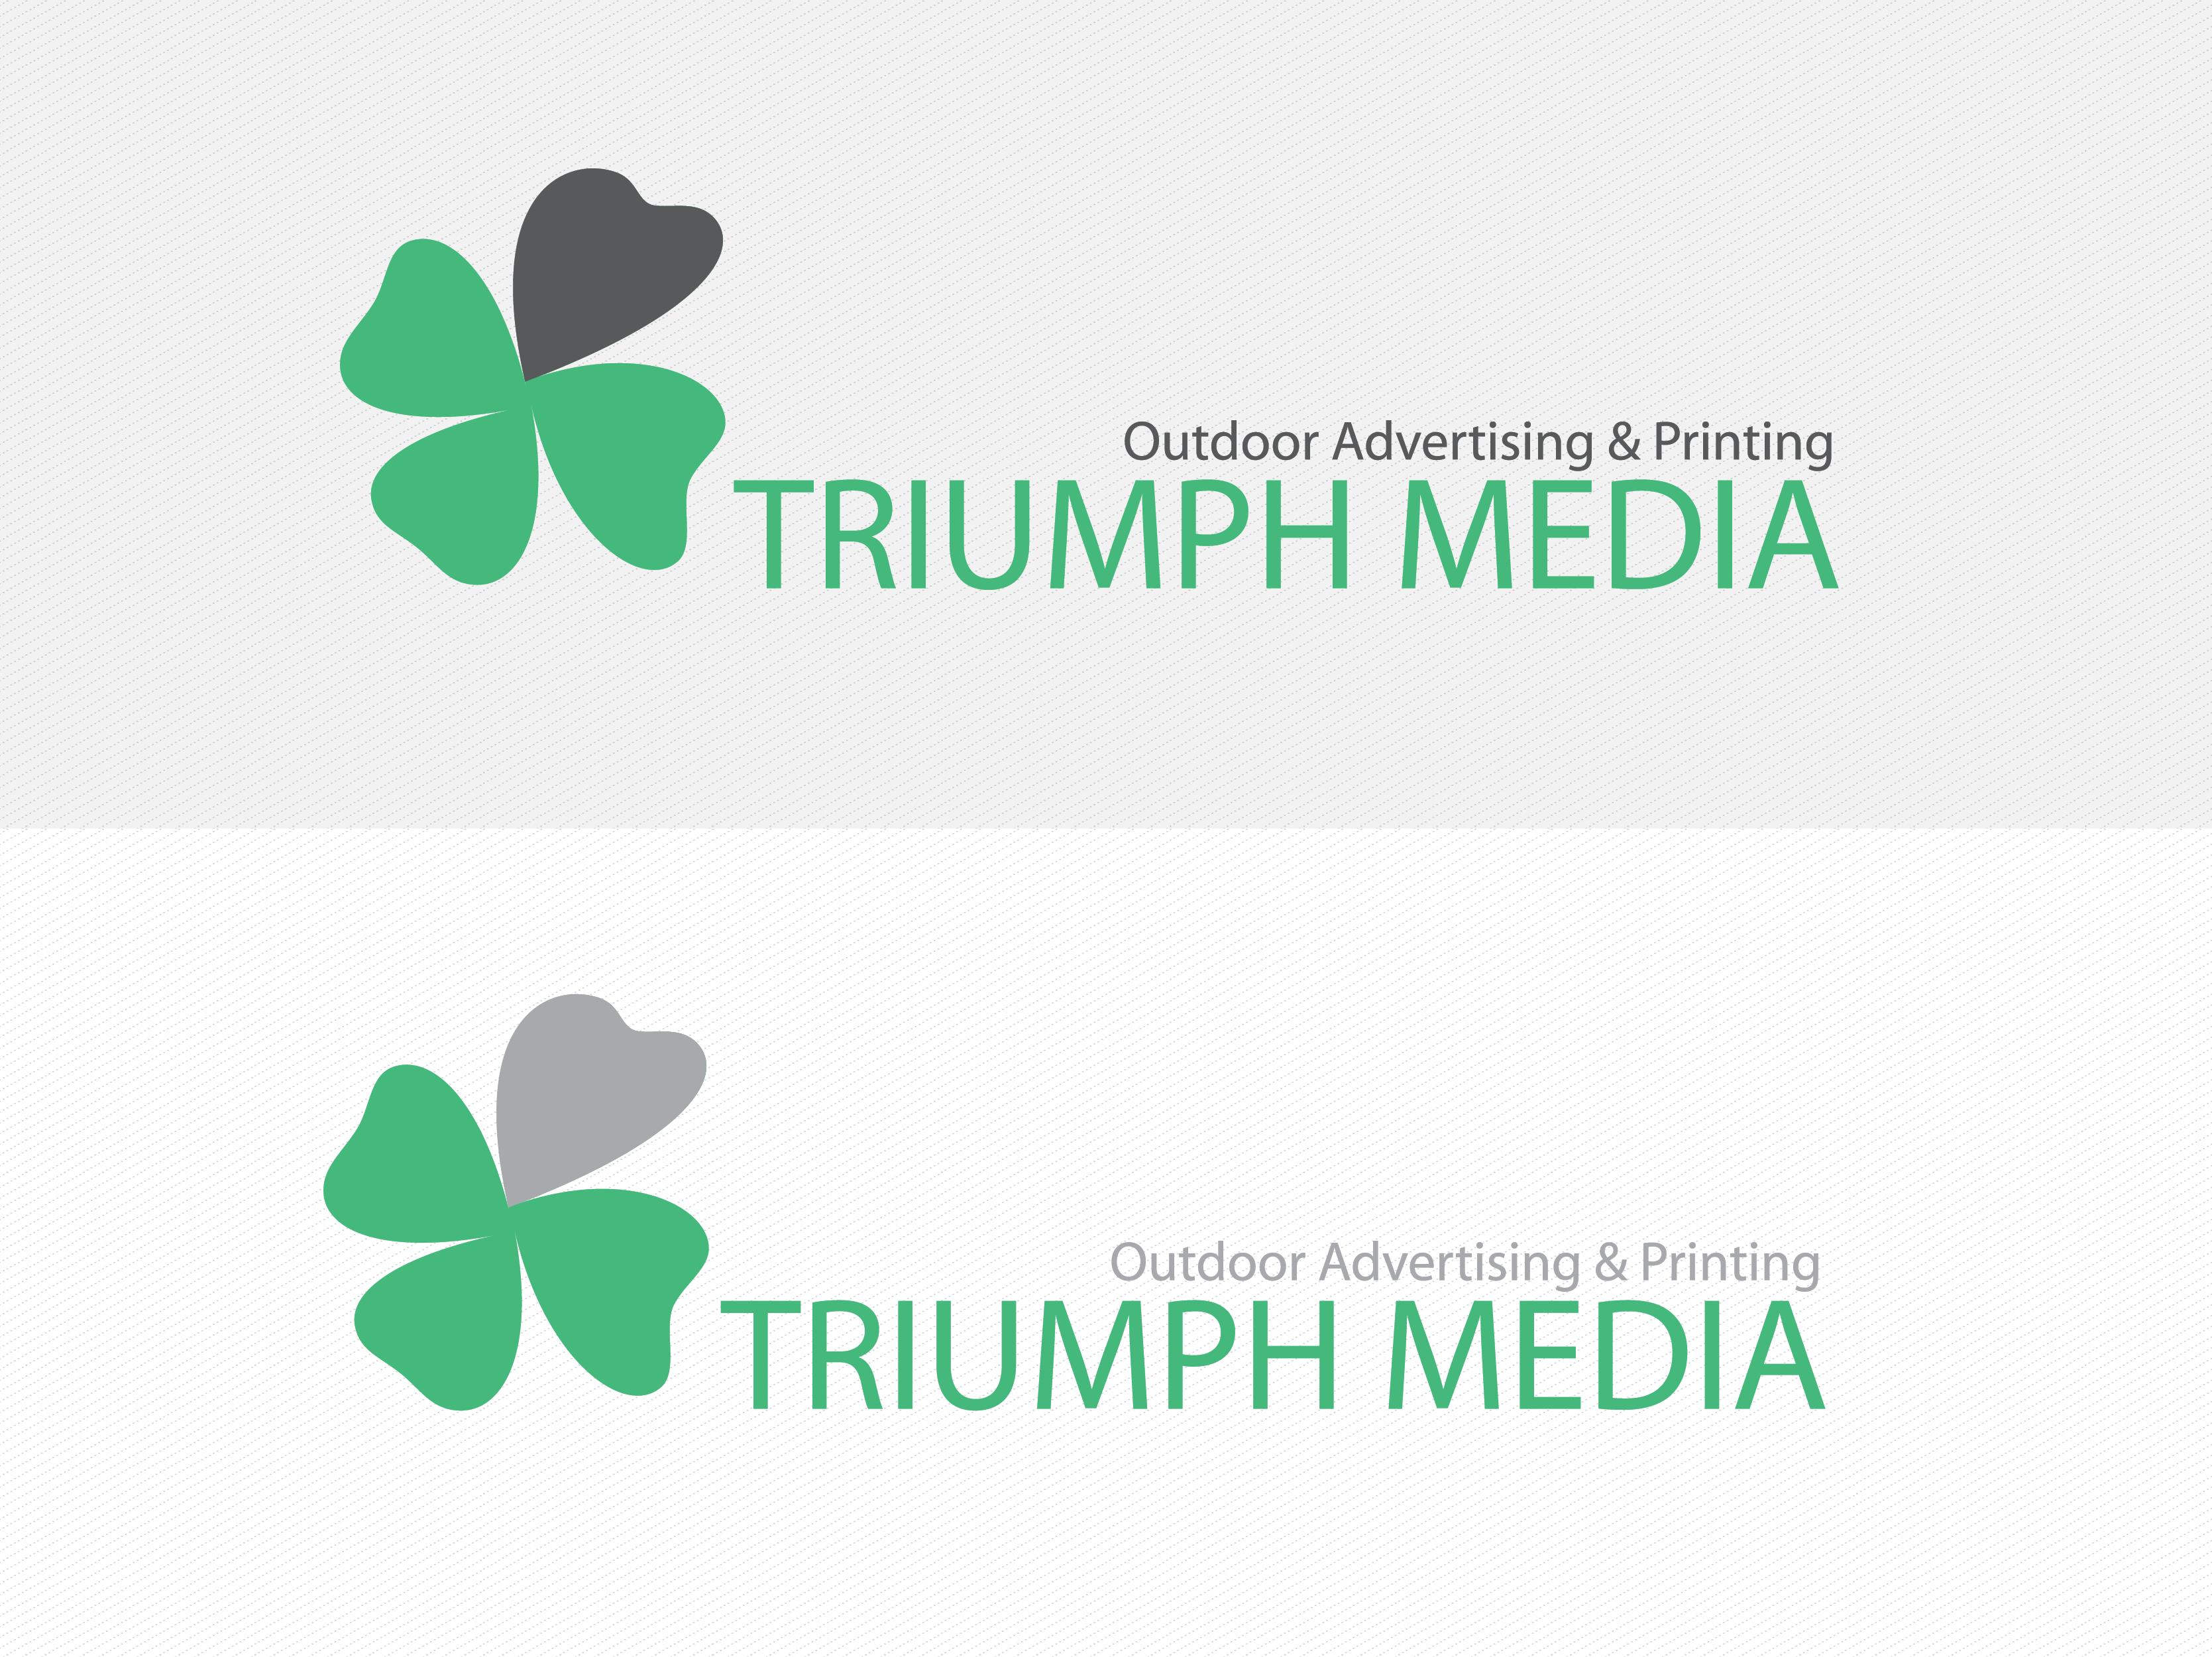 Разработка логотипа  TRIUMPH MEDIA с изображением клевера фото f_50718a0eca34a.png